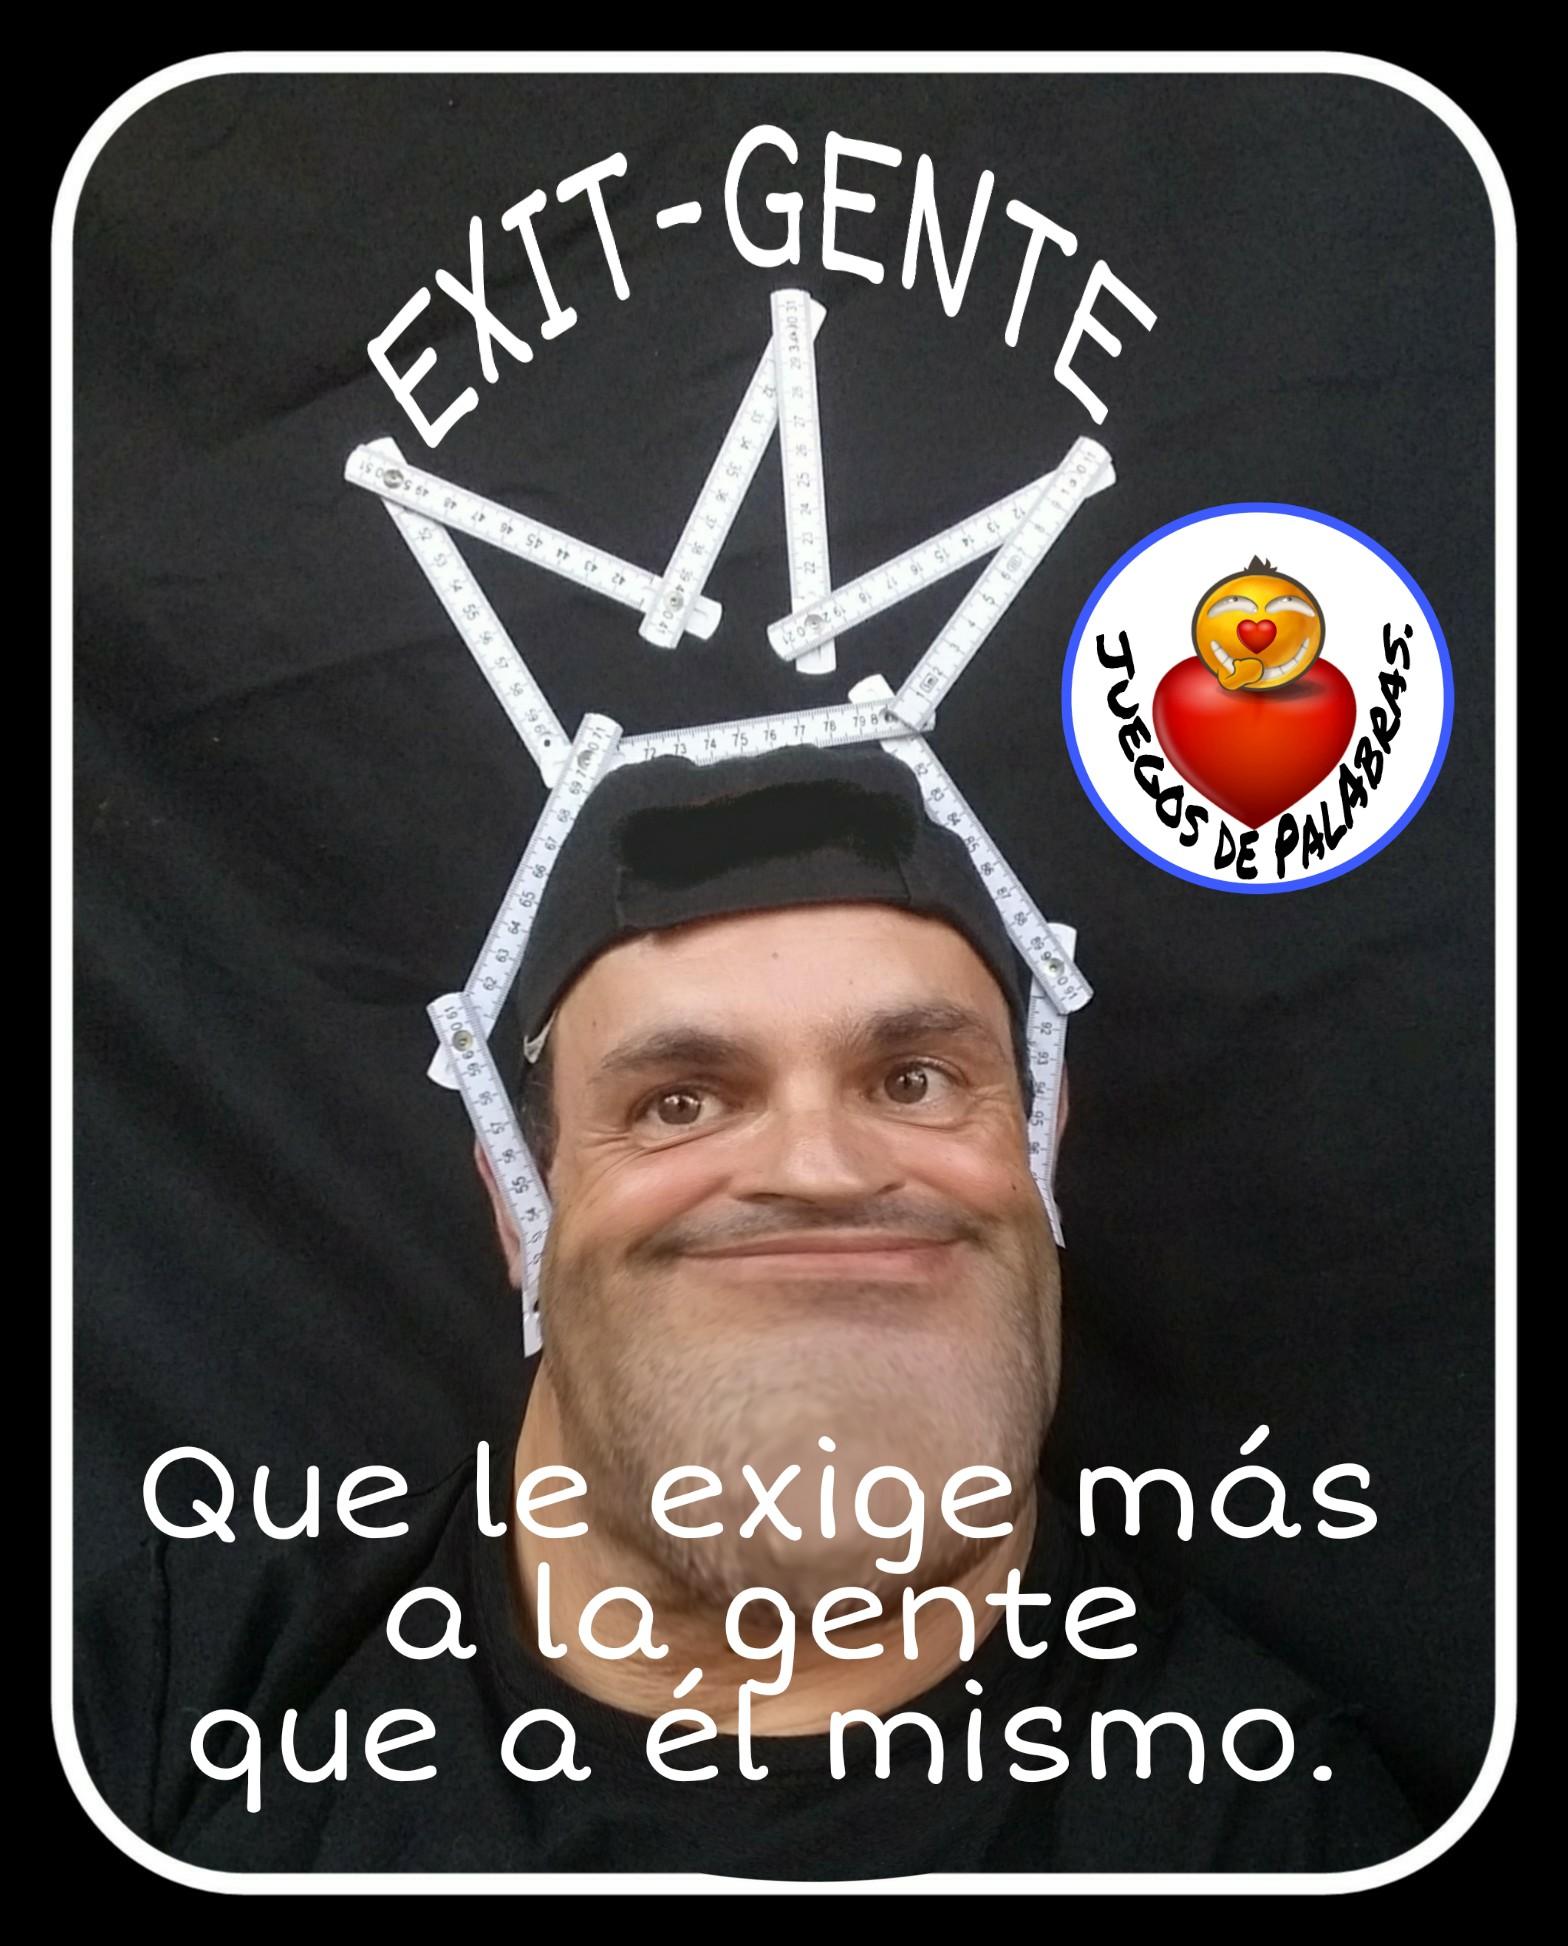 Exit gente